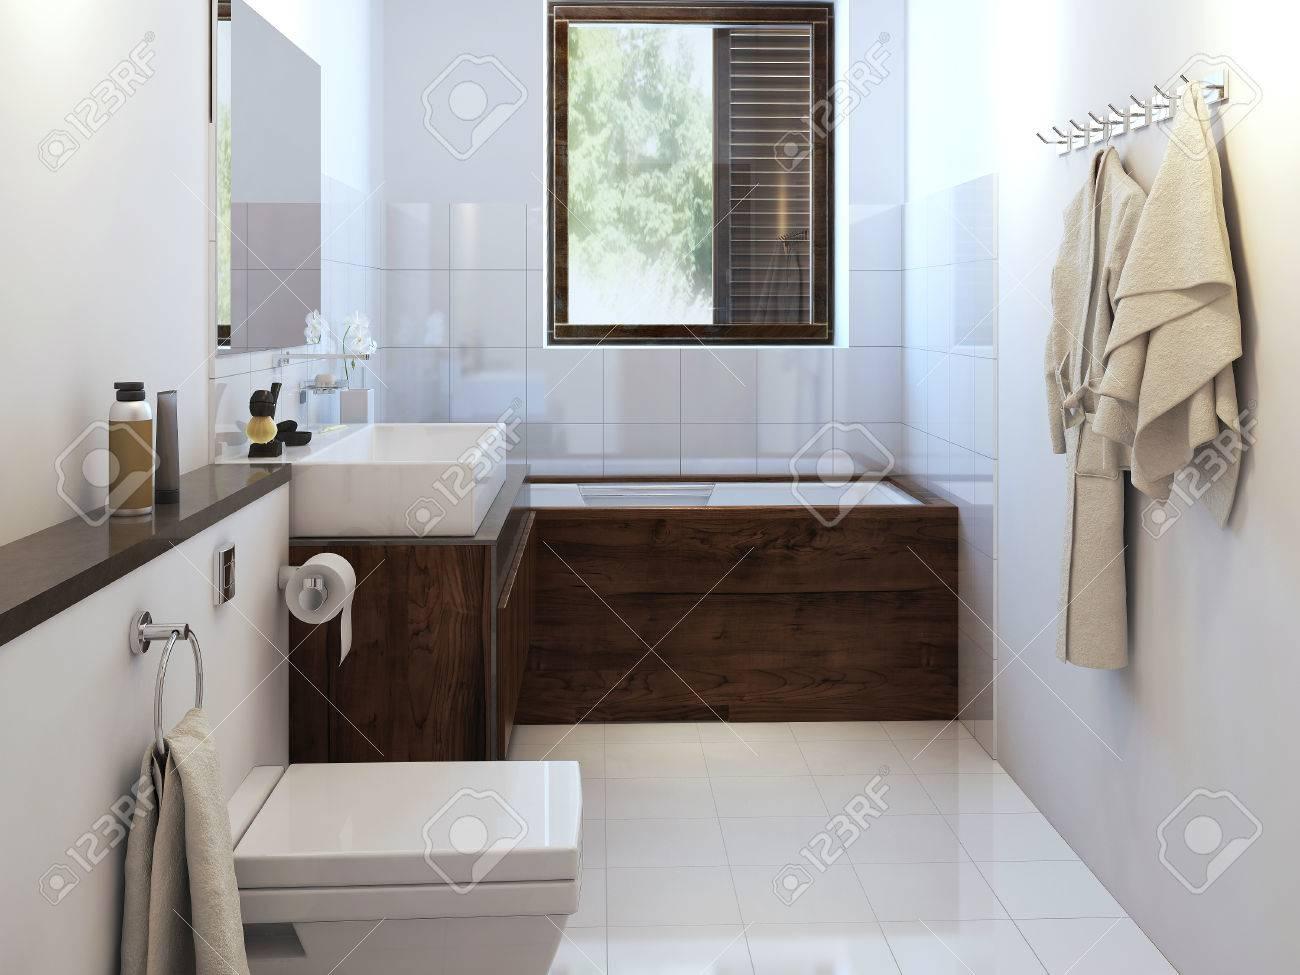 Cuarto de baño rústico. imágenes 3d